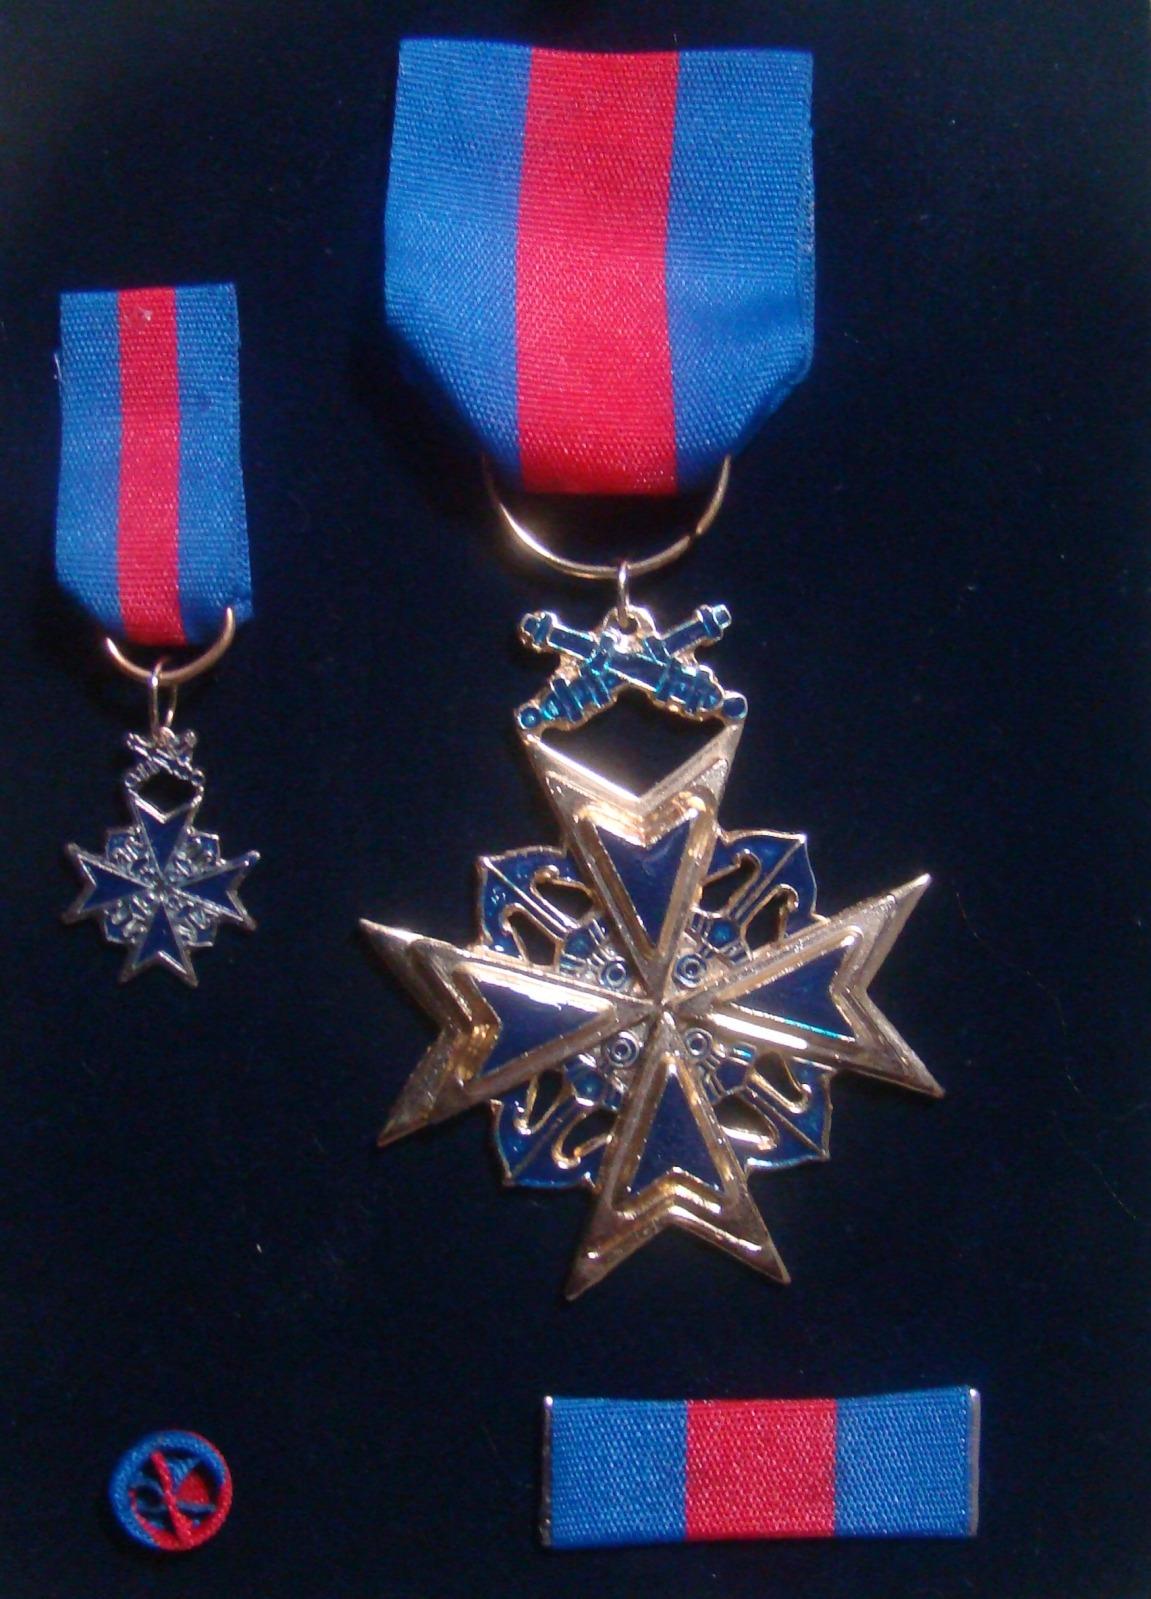 Condecoraciones y Medalla Navales Riuesi